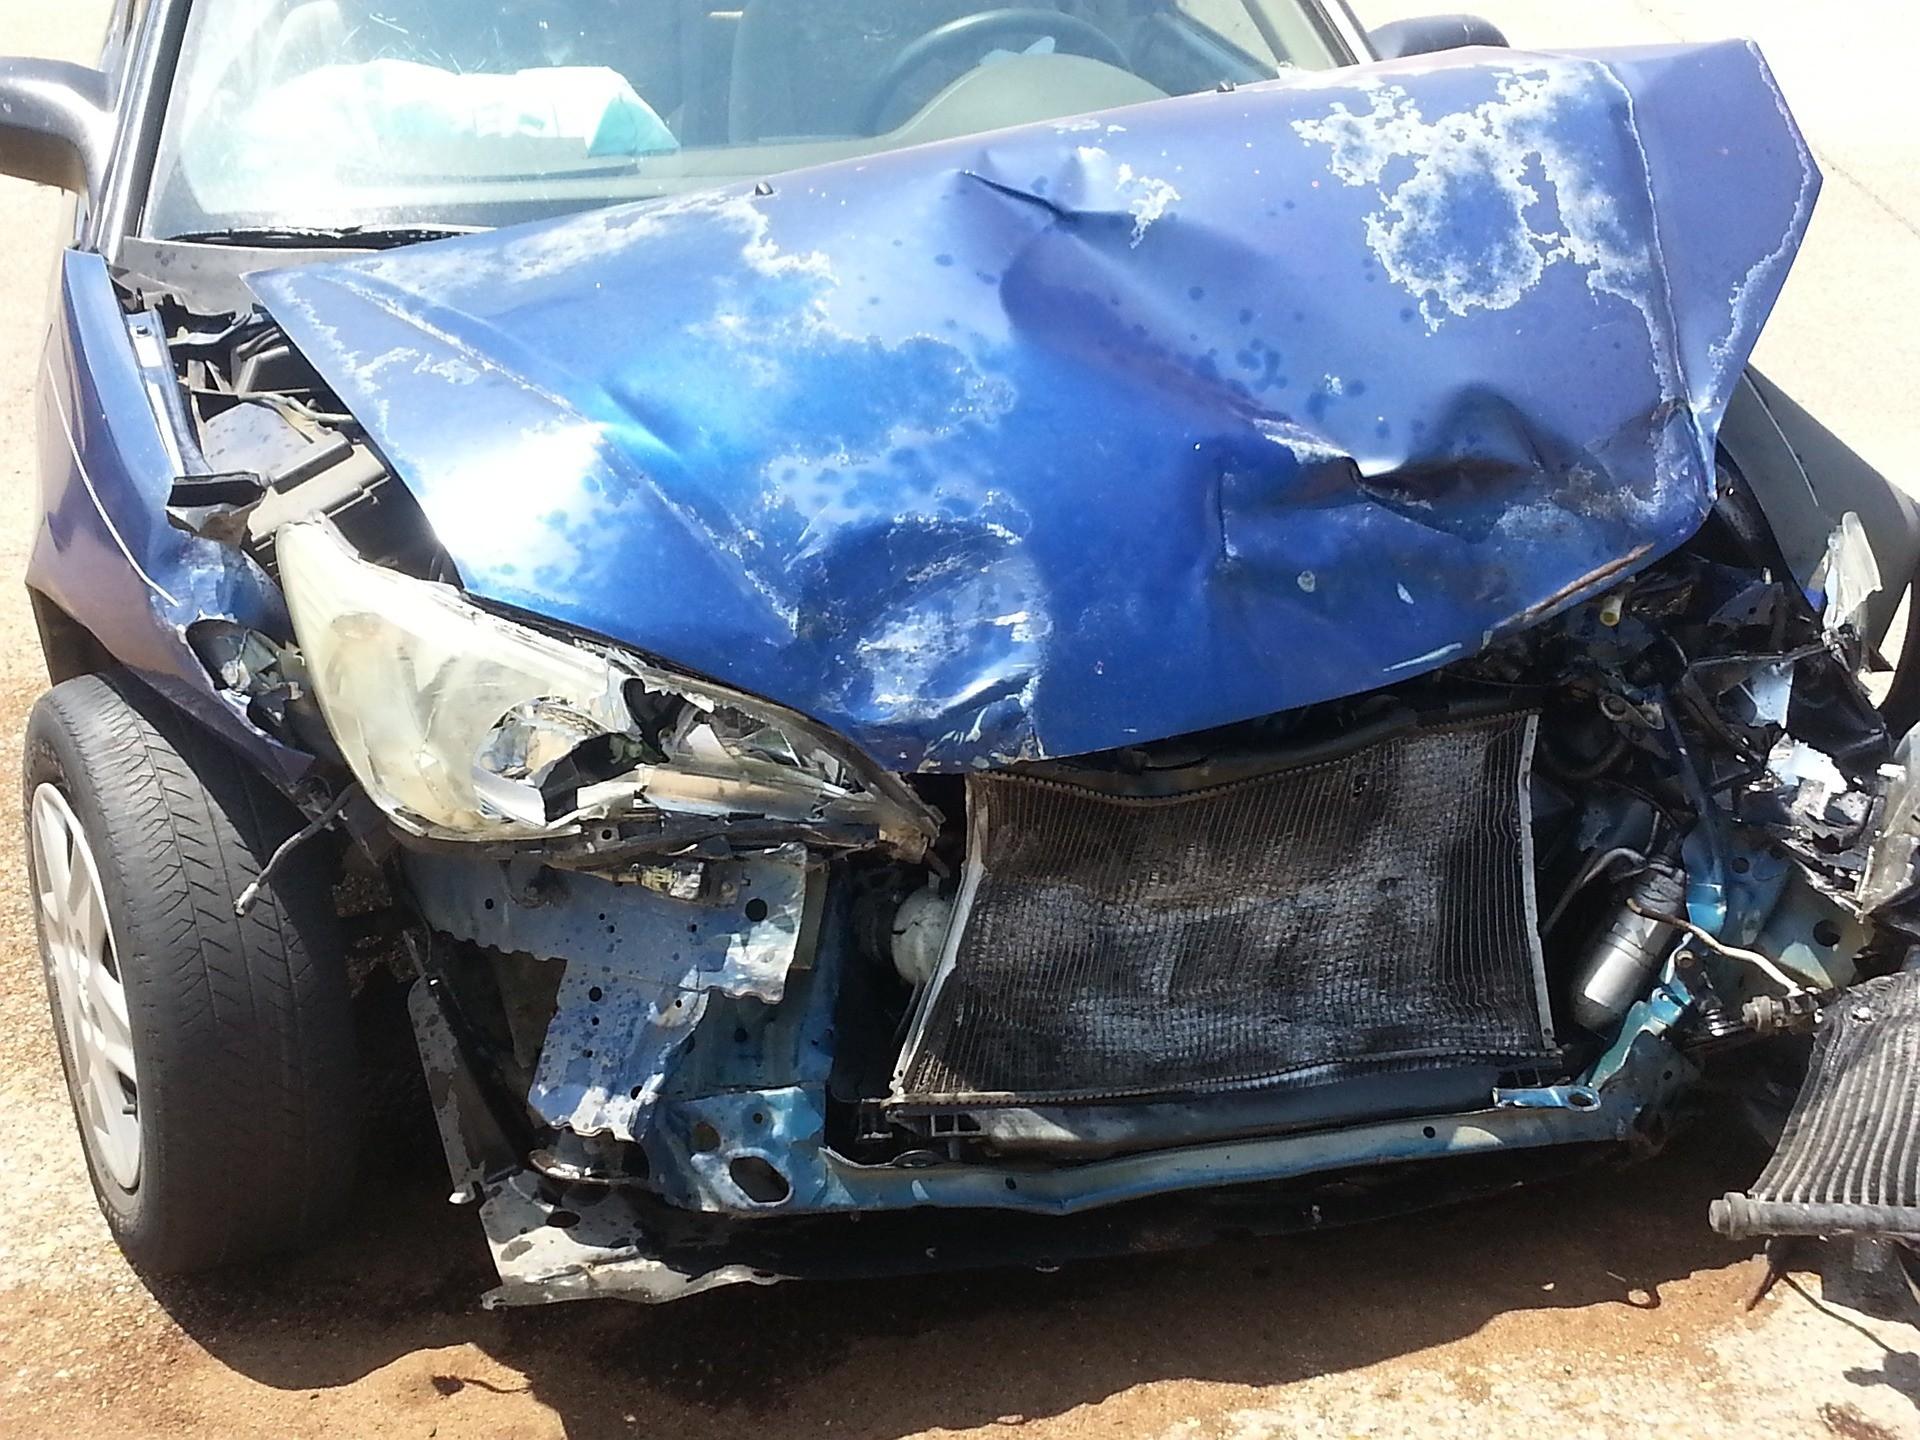 車禍示意圖。(圖/取自免費圖庫pixabay)